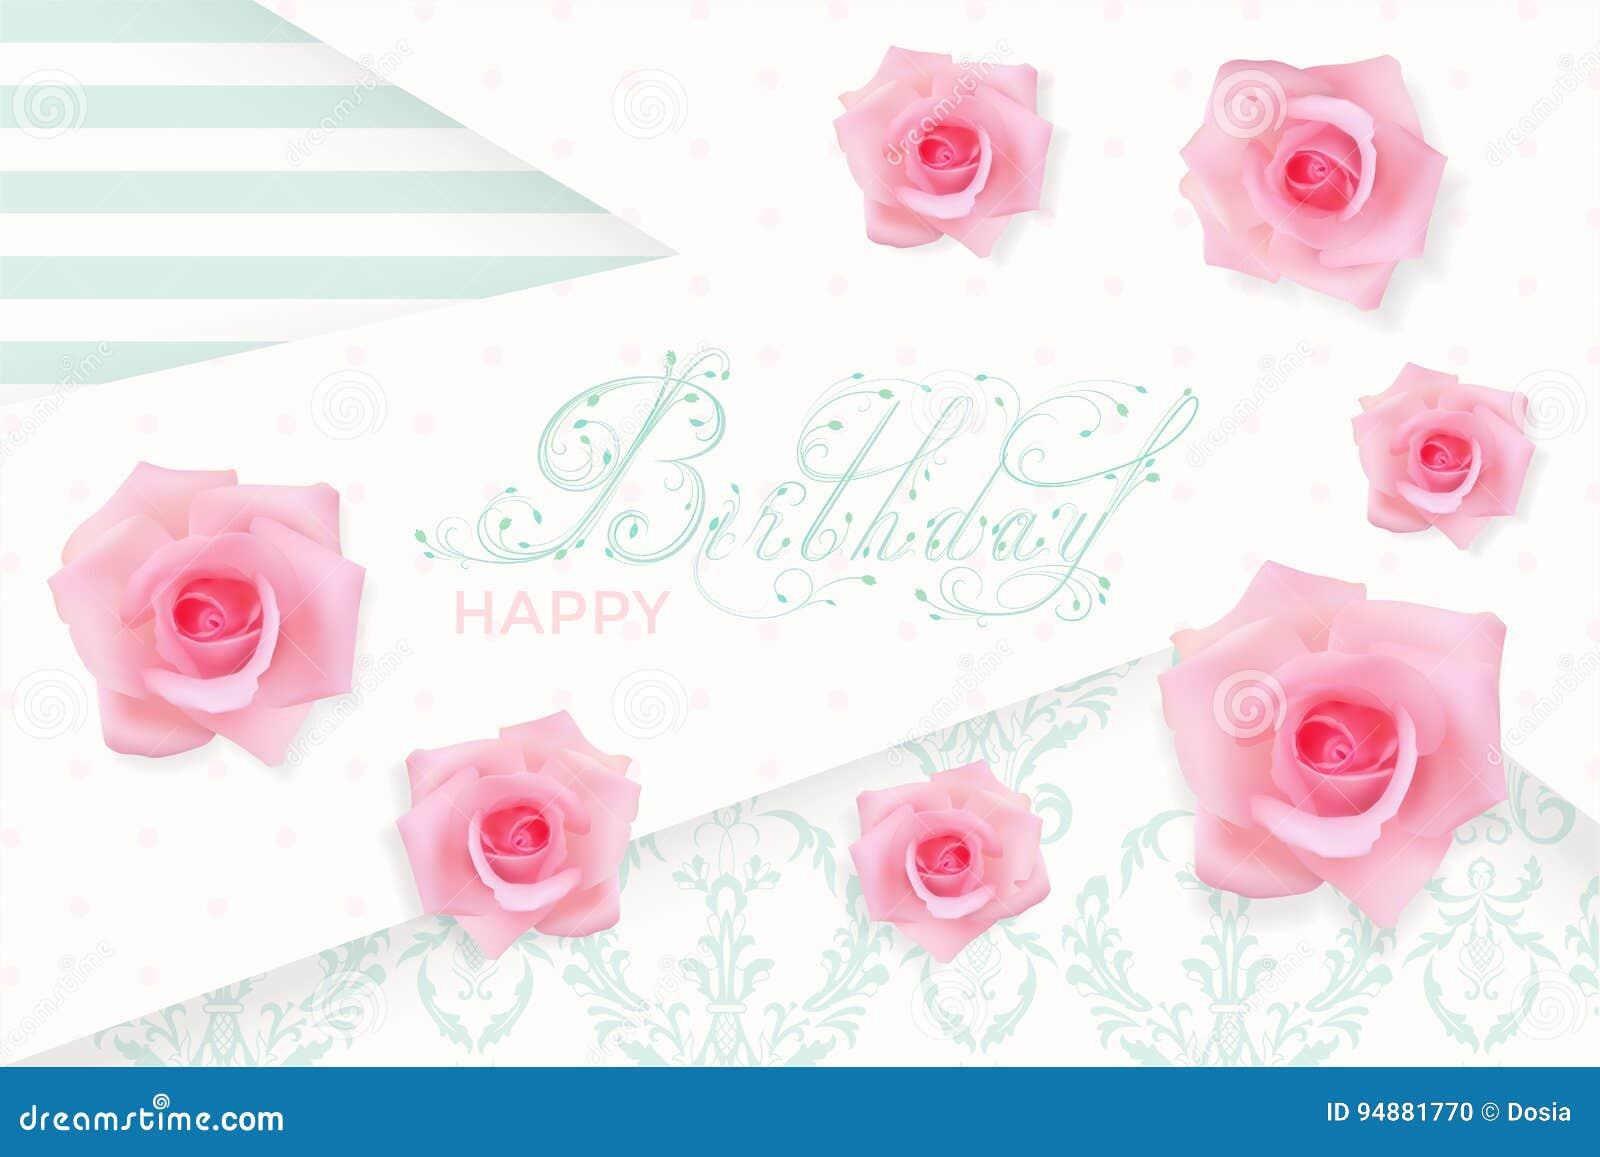 Romantic Happy Birthday Cards